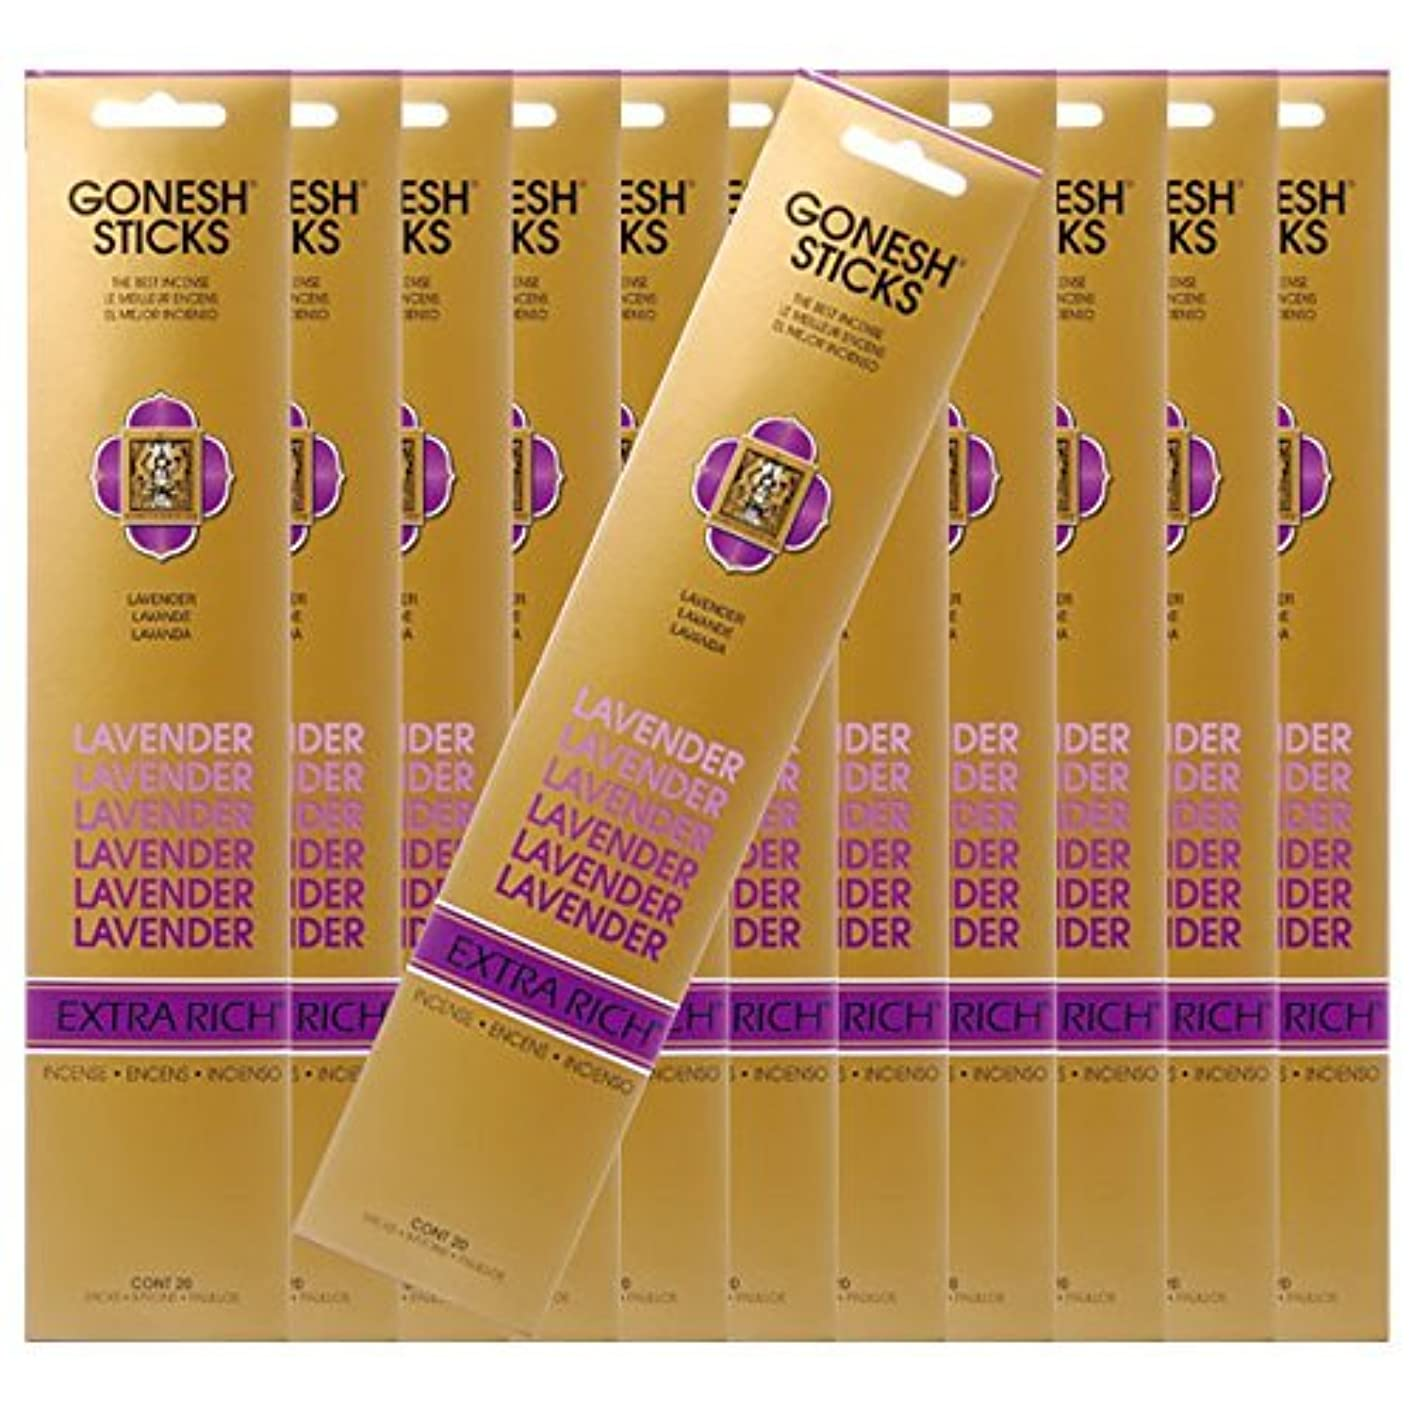 一握り解放するワークショップGONESH ガーネッシュ お香スティック Lavender -ラベンダー- x12パックセット(合計240本入り)